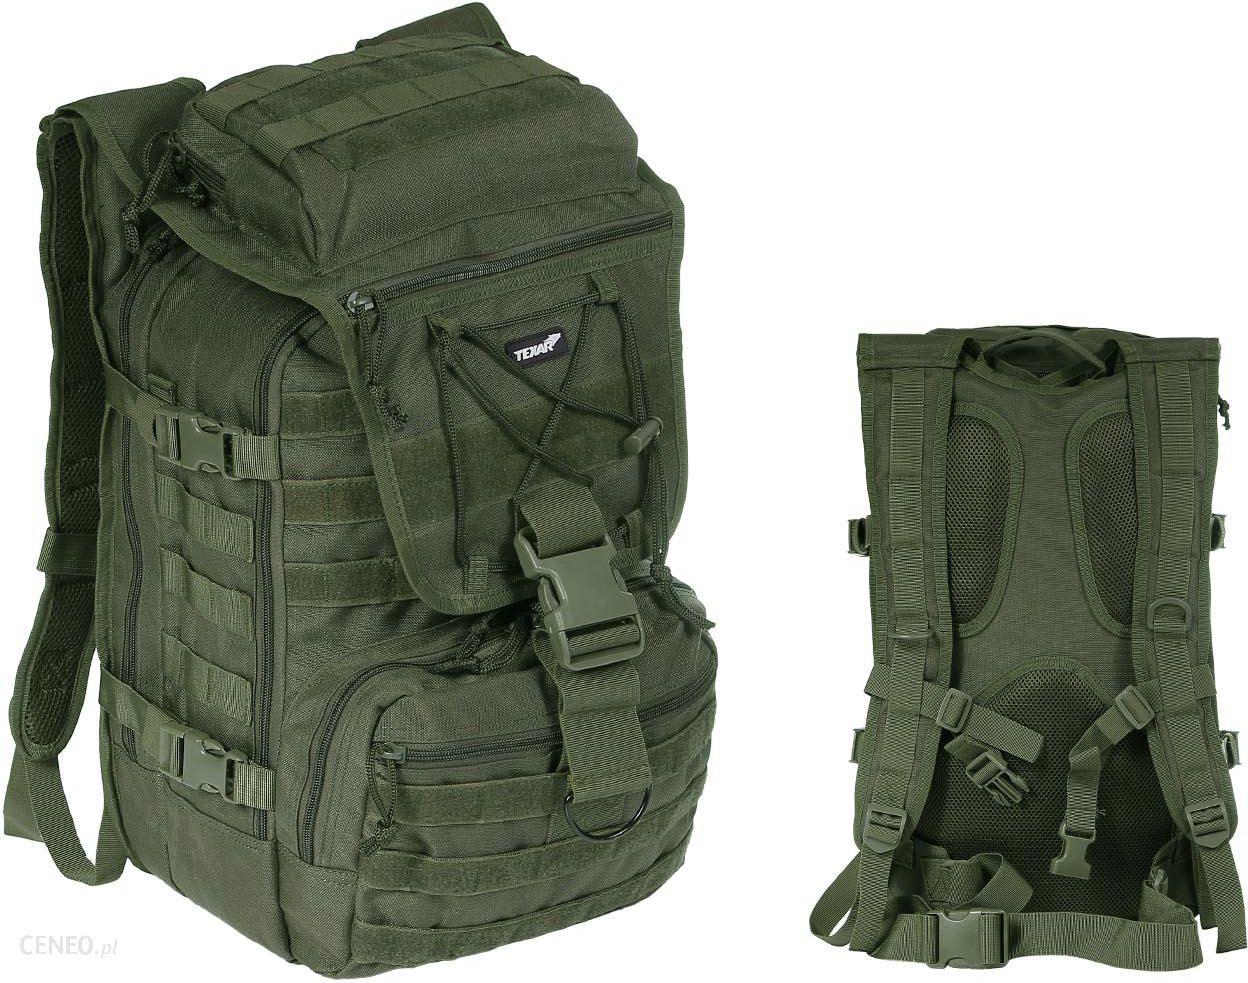 19aeee6018984 Texar Traper Wojskowy Plecak Taktyczny 35 Olive - Ceny i opinie ...